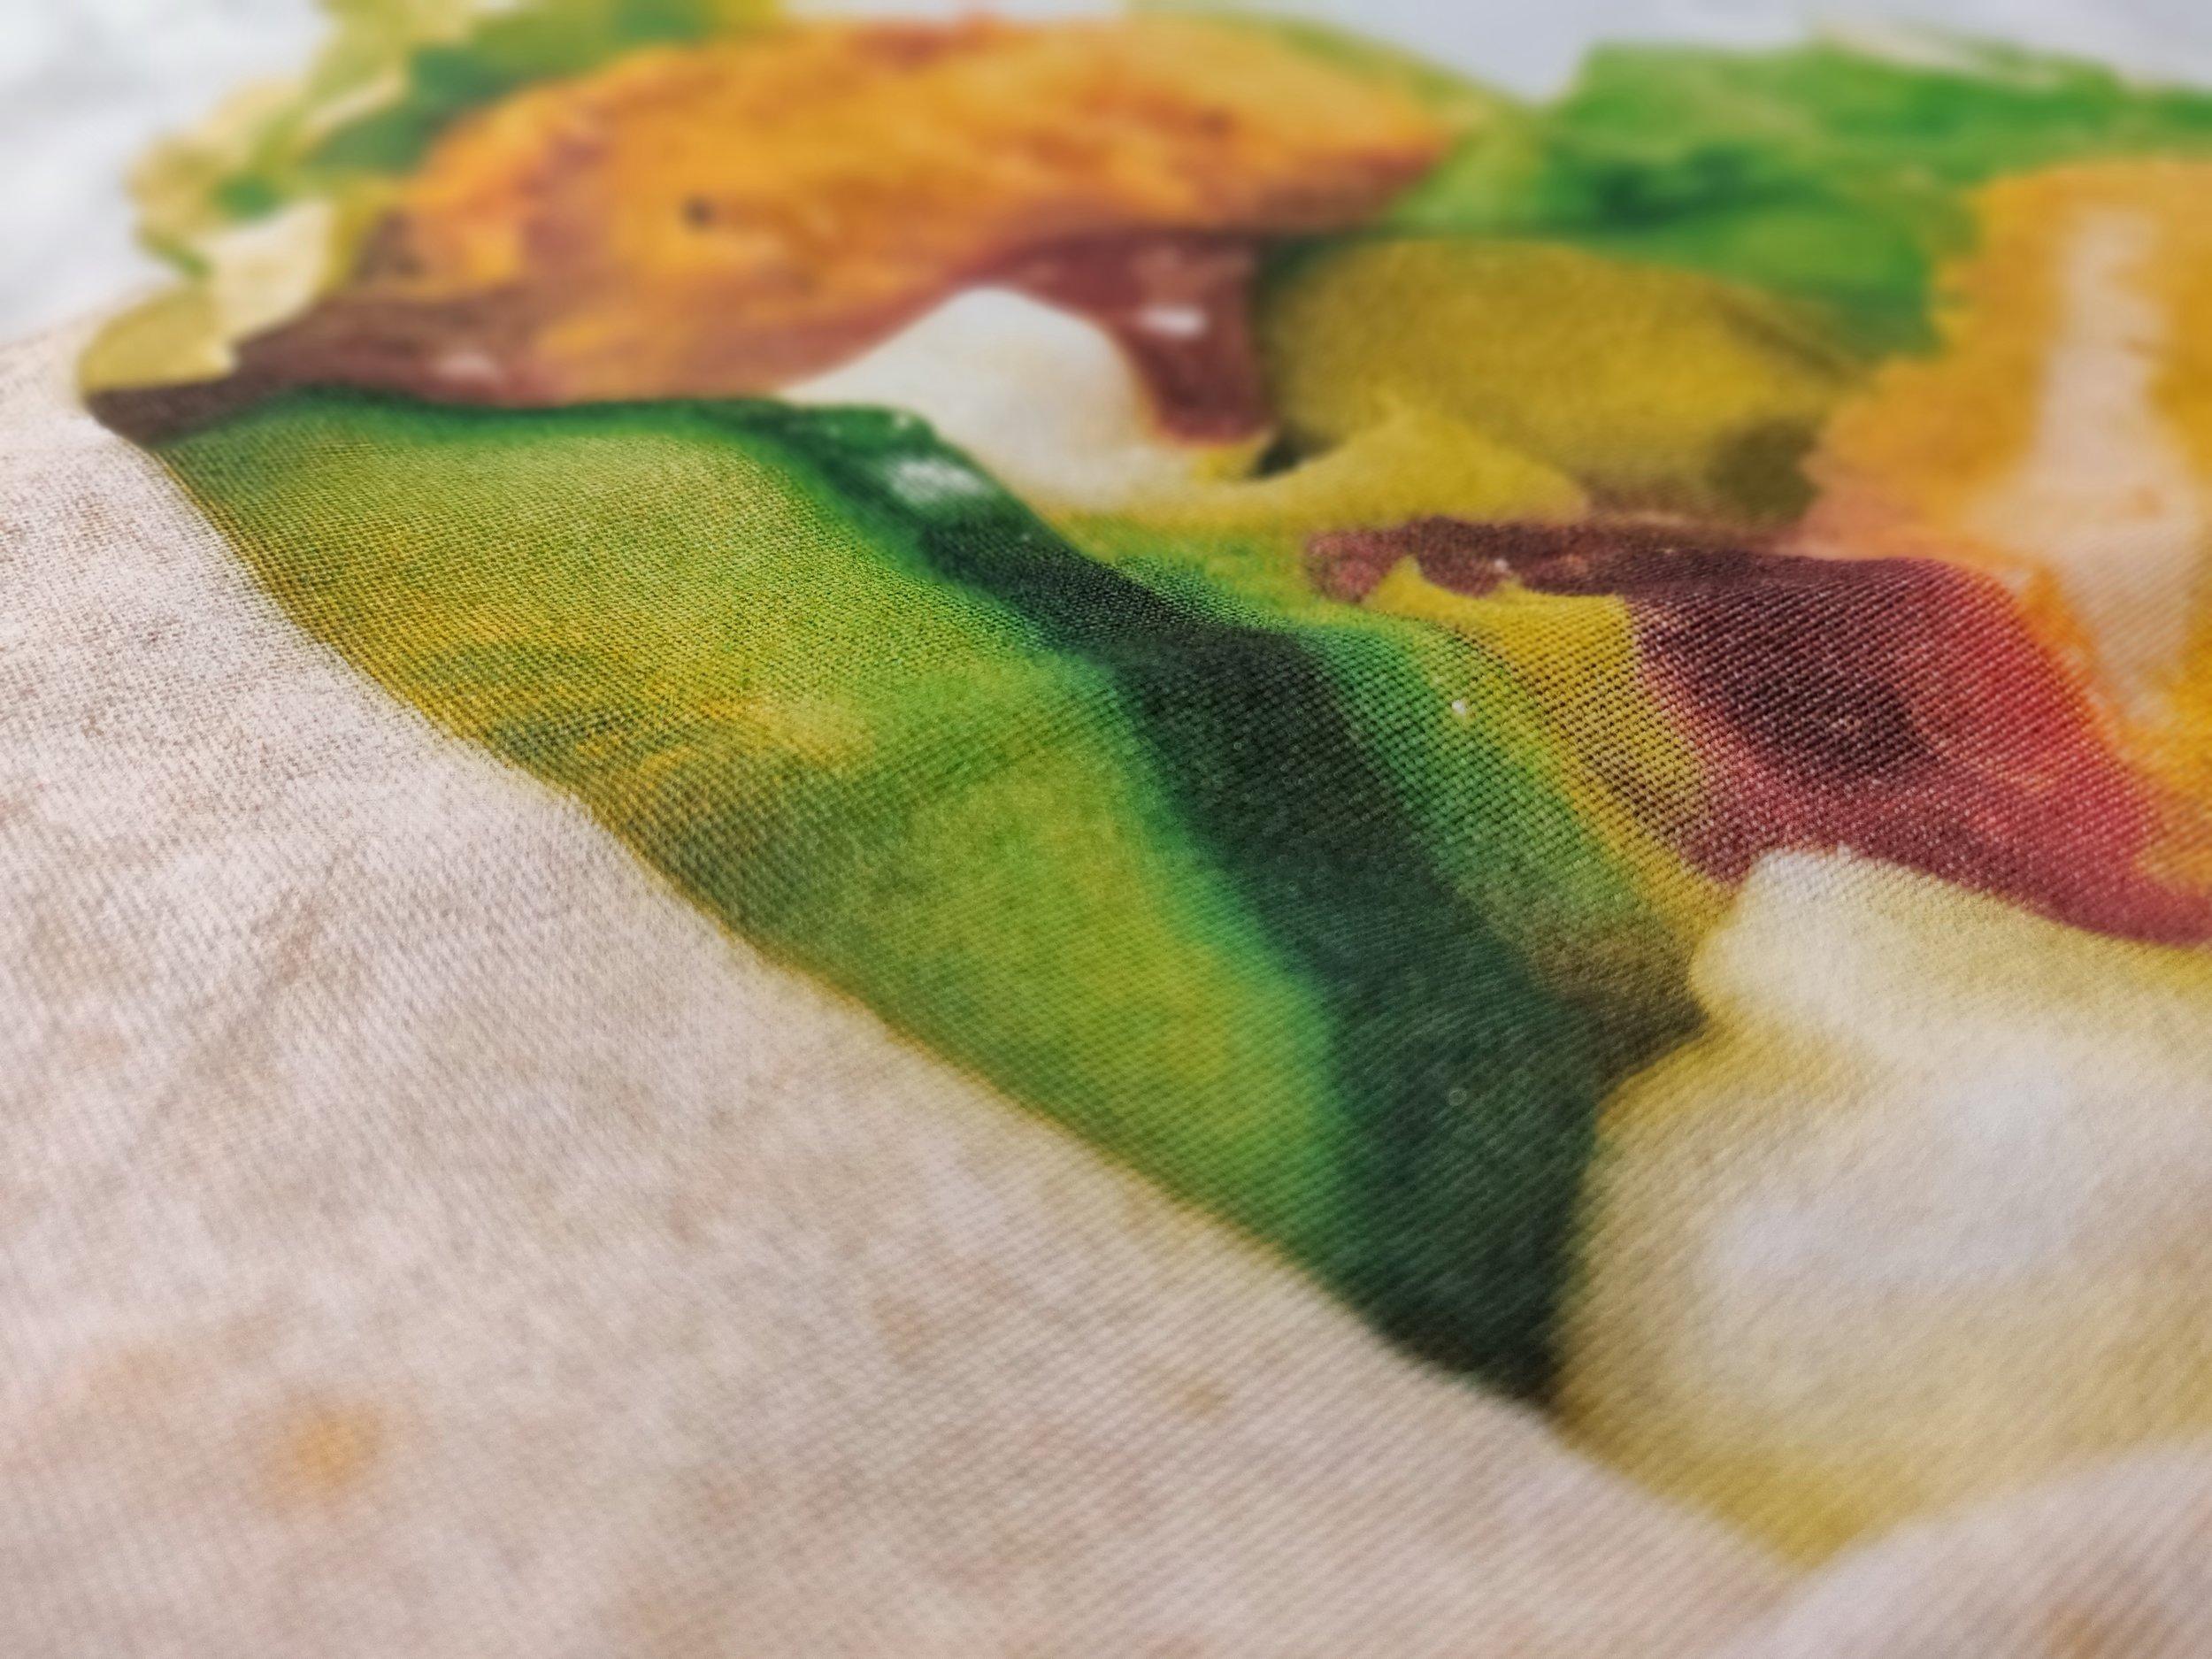 Spottiväri-erikoisvärieroteltu painatus   Painatus soveltuu tummille, värillisille ja vaaleille paidoille. Kun halutaan valokuvamainen painatus paitoihin, tämä tekniikka on siihen paras. Painovärien määrä voidaan arvioida vasta kun olemme nähnyt kuvan painatuksesta. Painofilmit ovat rasteroitua jolloin saadaan myös väriliukumia aikaiseksi.